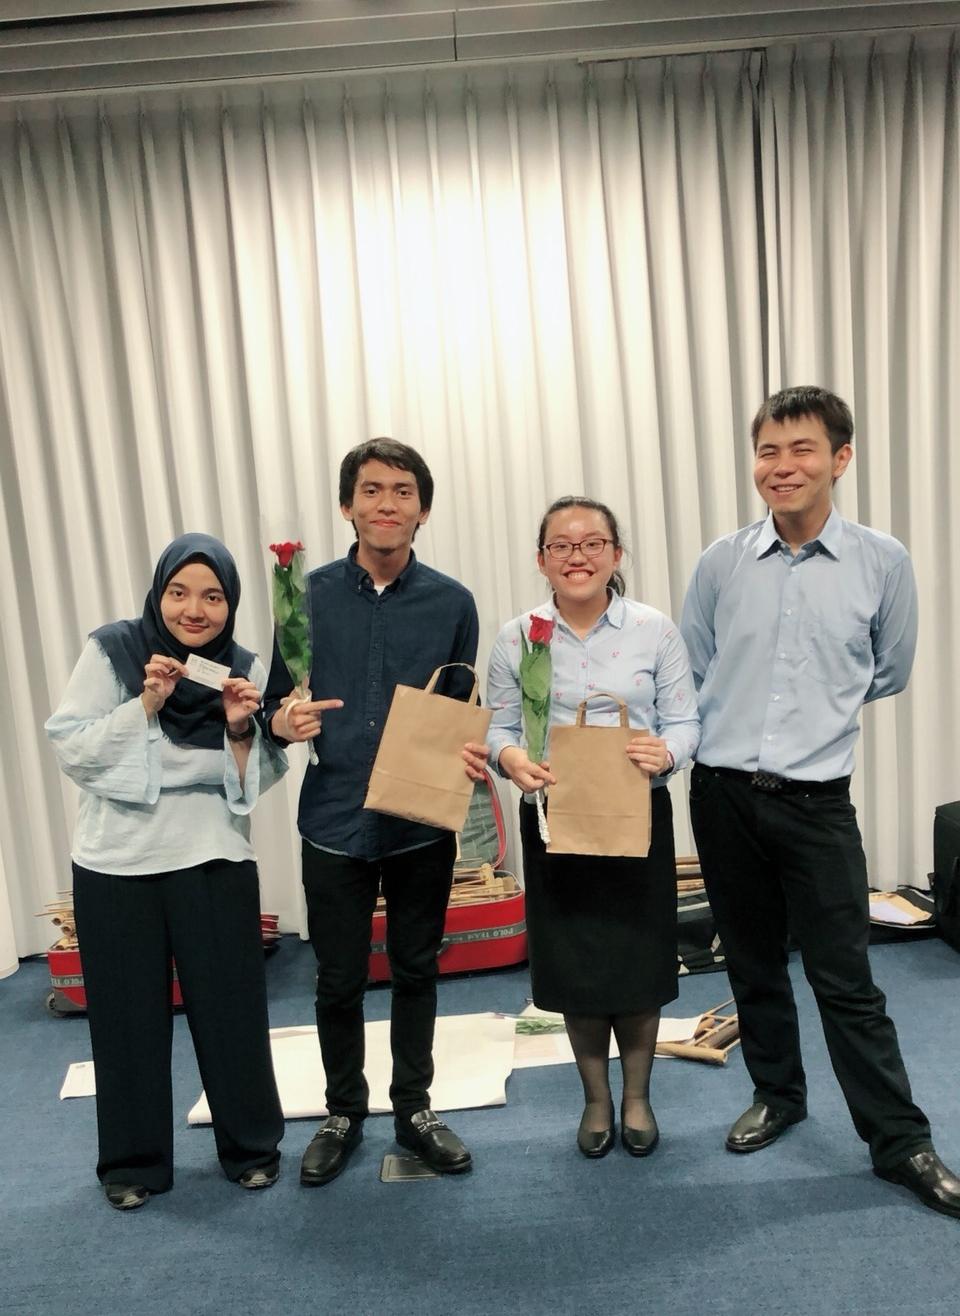 Yasser (kedua dari kiri) dan Stephanie (kedua dari kanan) bersama Bung Manager Firly dan Bung Konduktor Justian